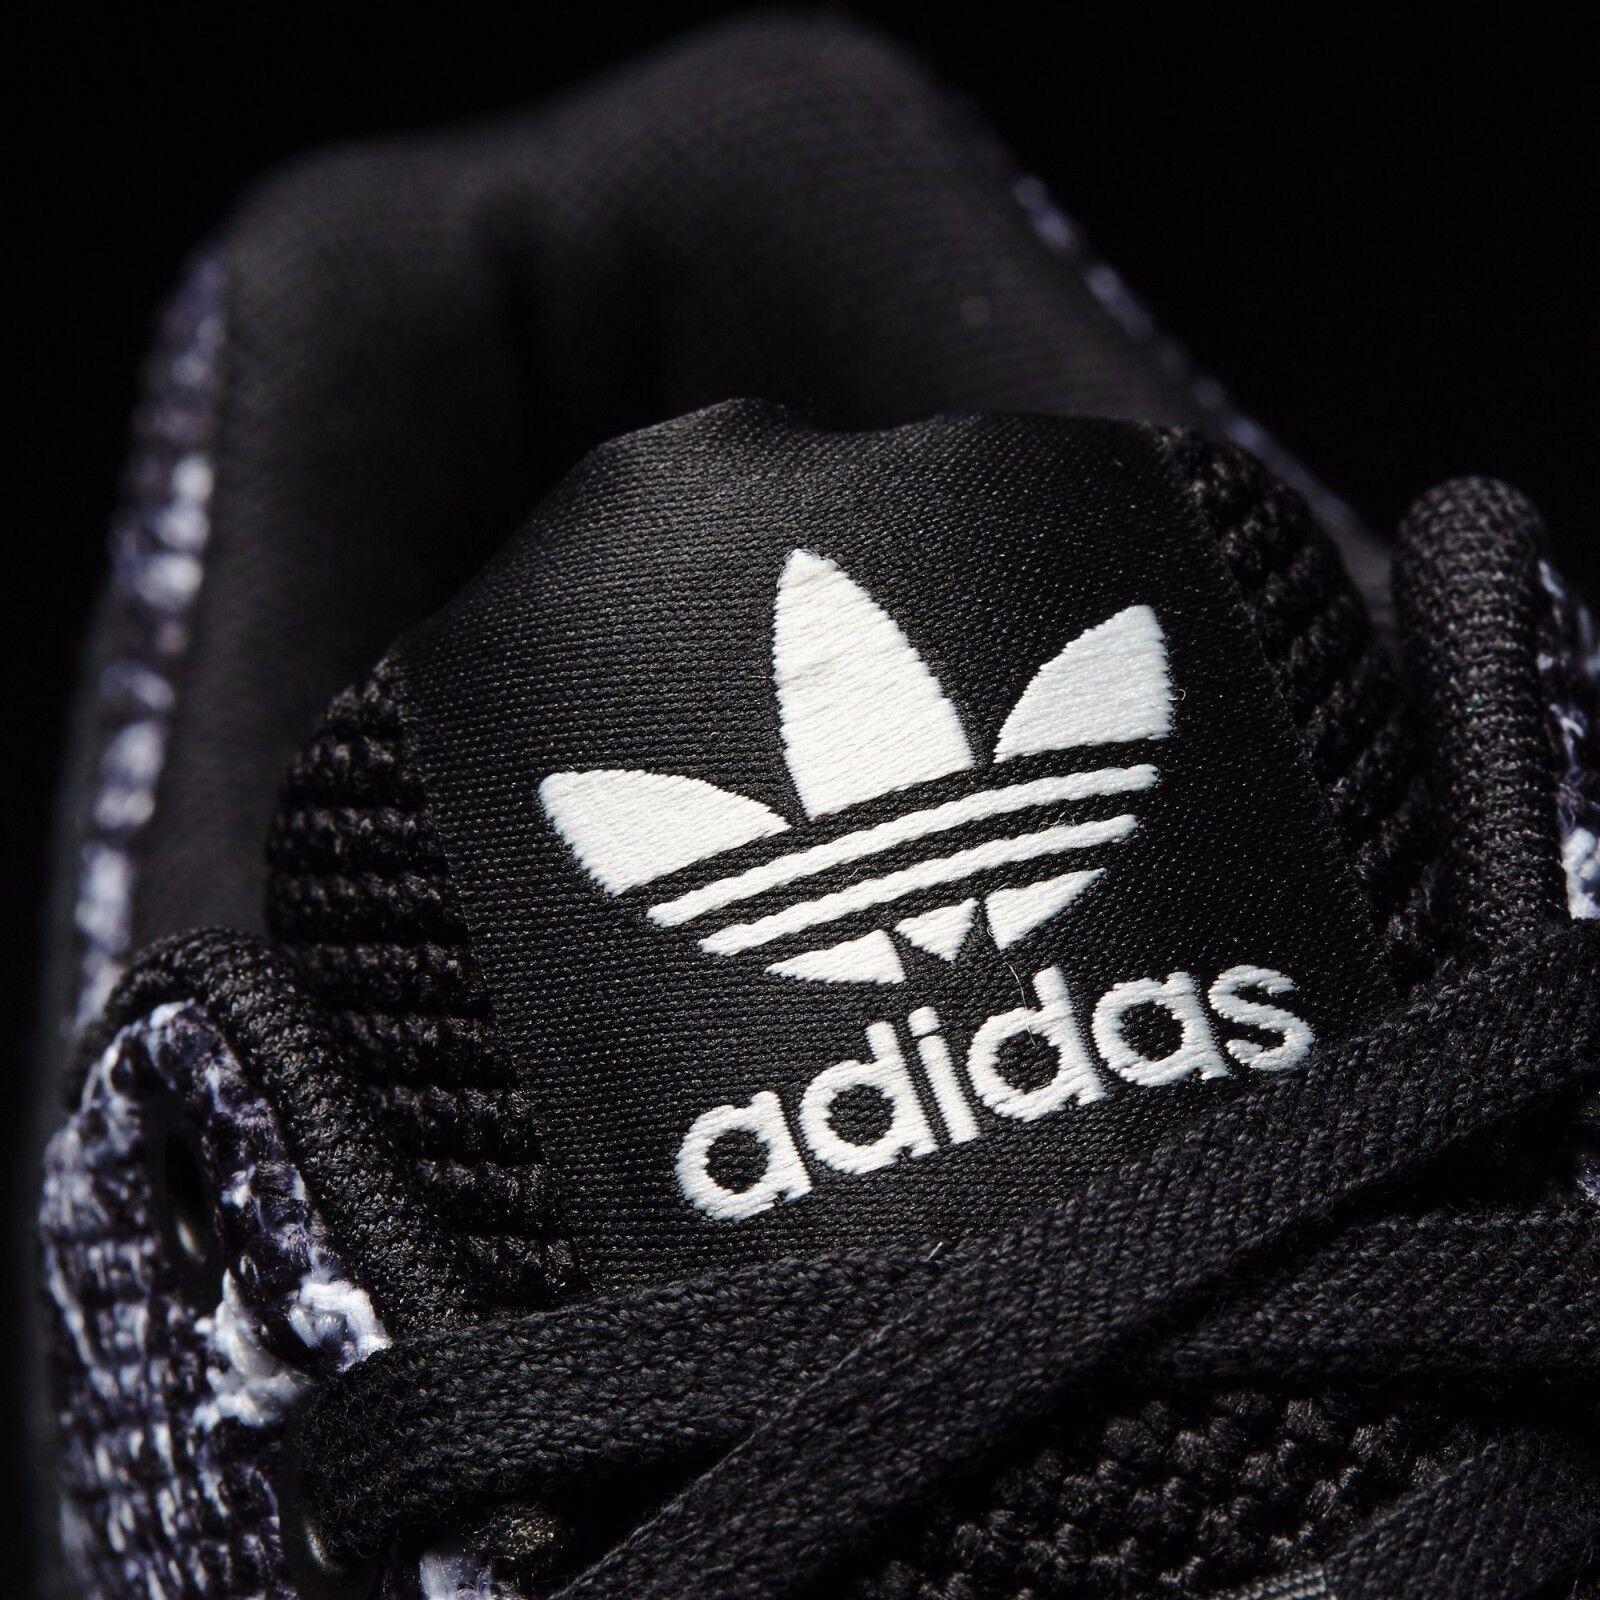 adidas schuhe originals zx - flux - farm rio frauen schuhe adidas größe 7,5 schwarz s76592 9cbf65